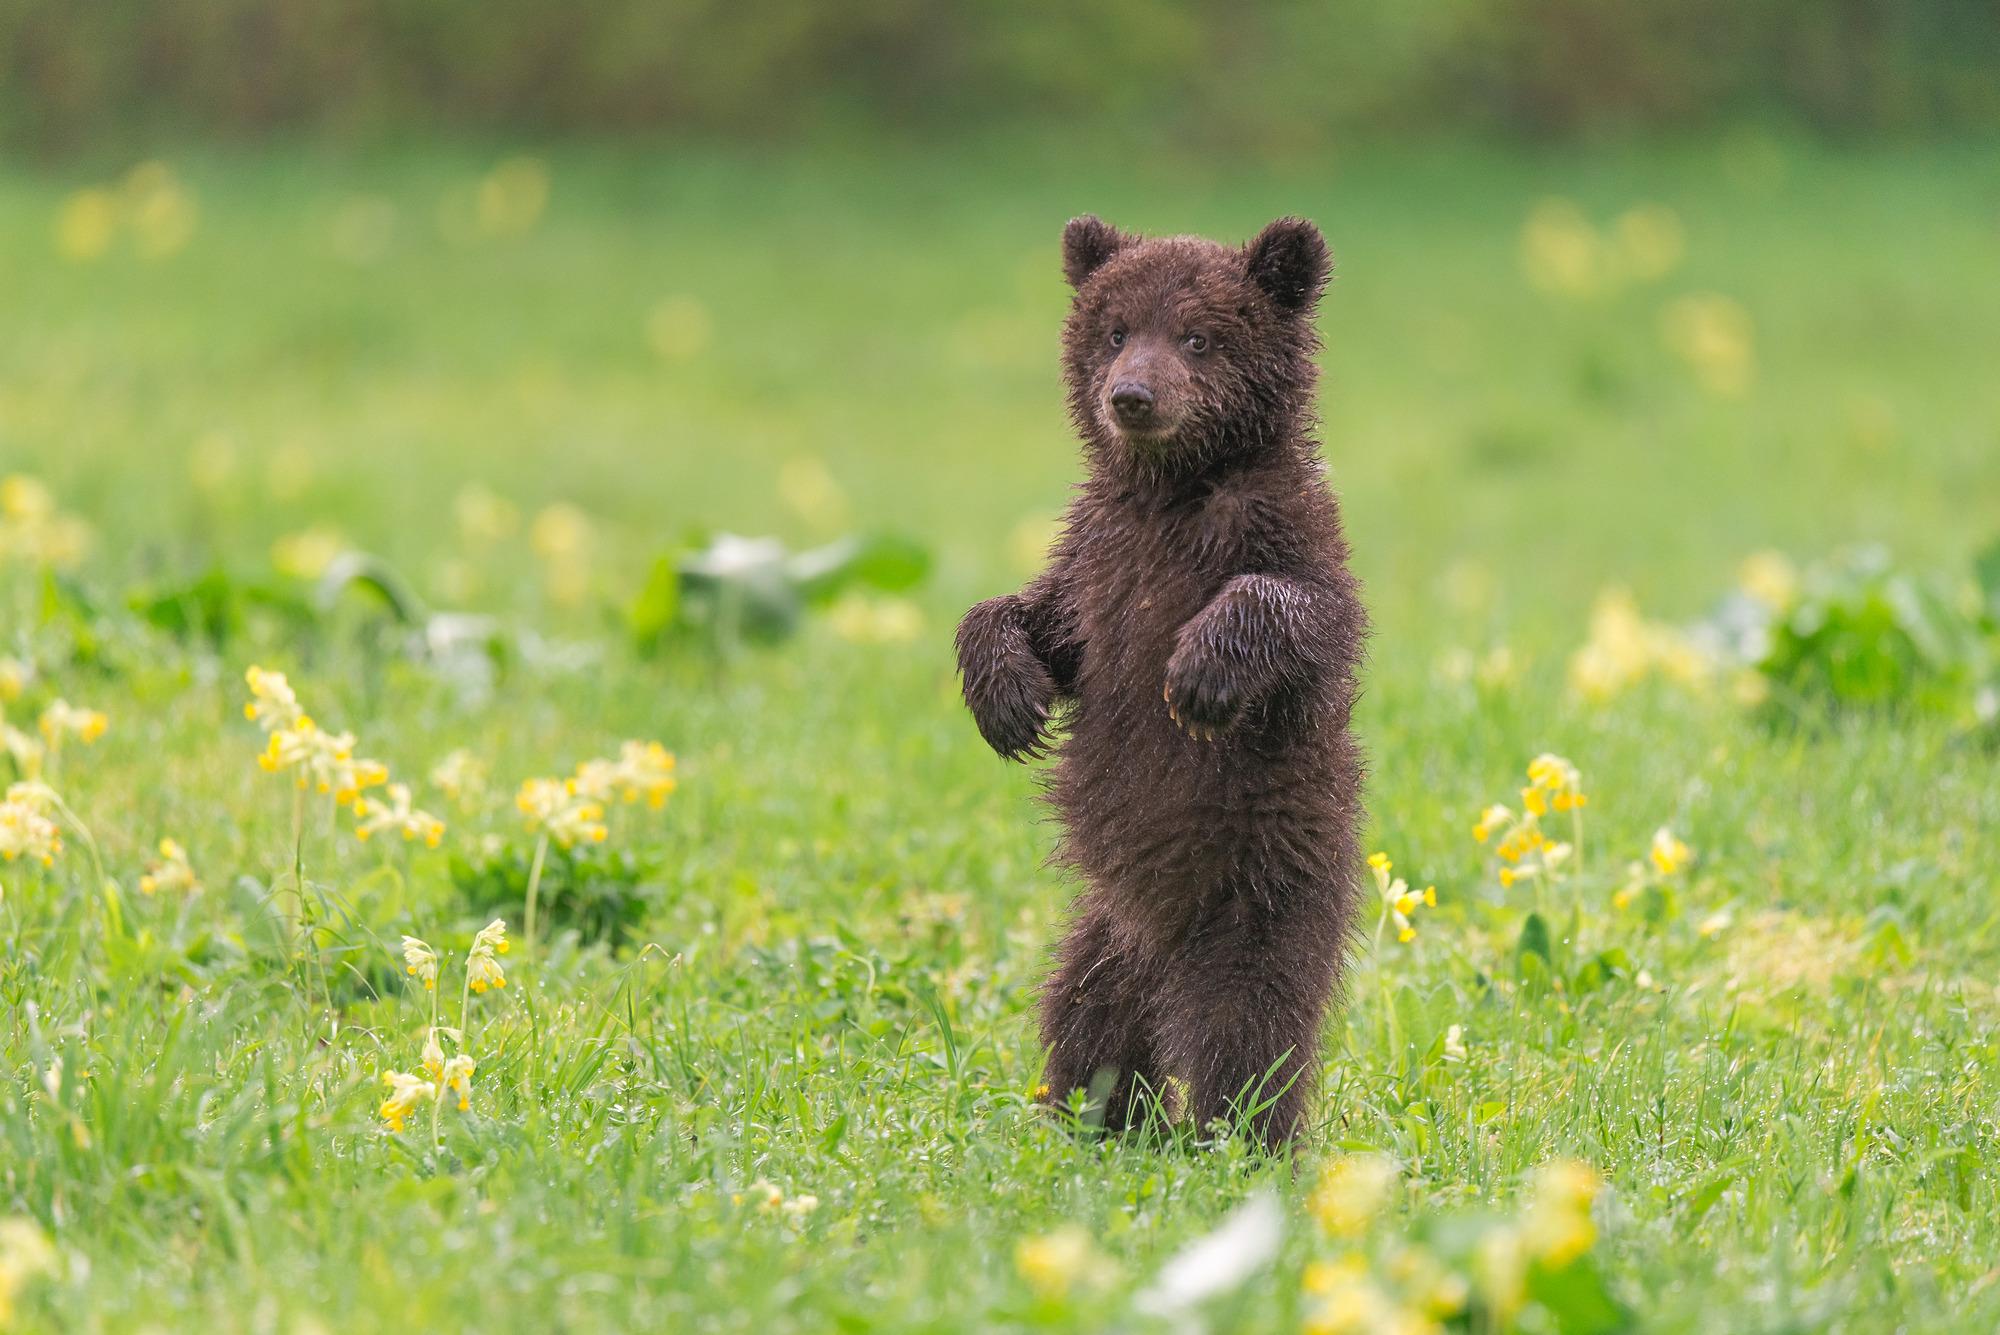 красивые картинки медвежат увлекается экстремальными